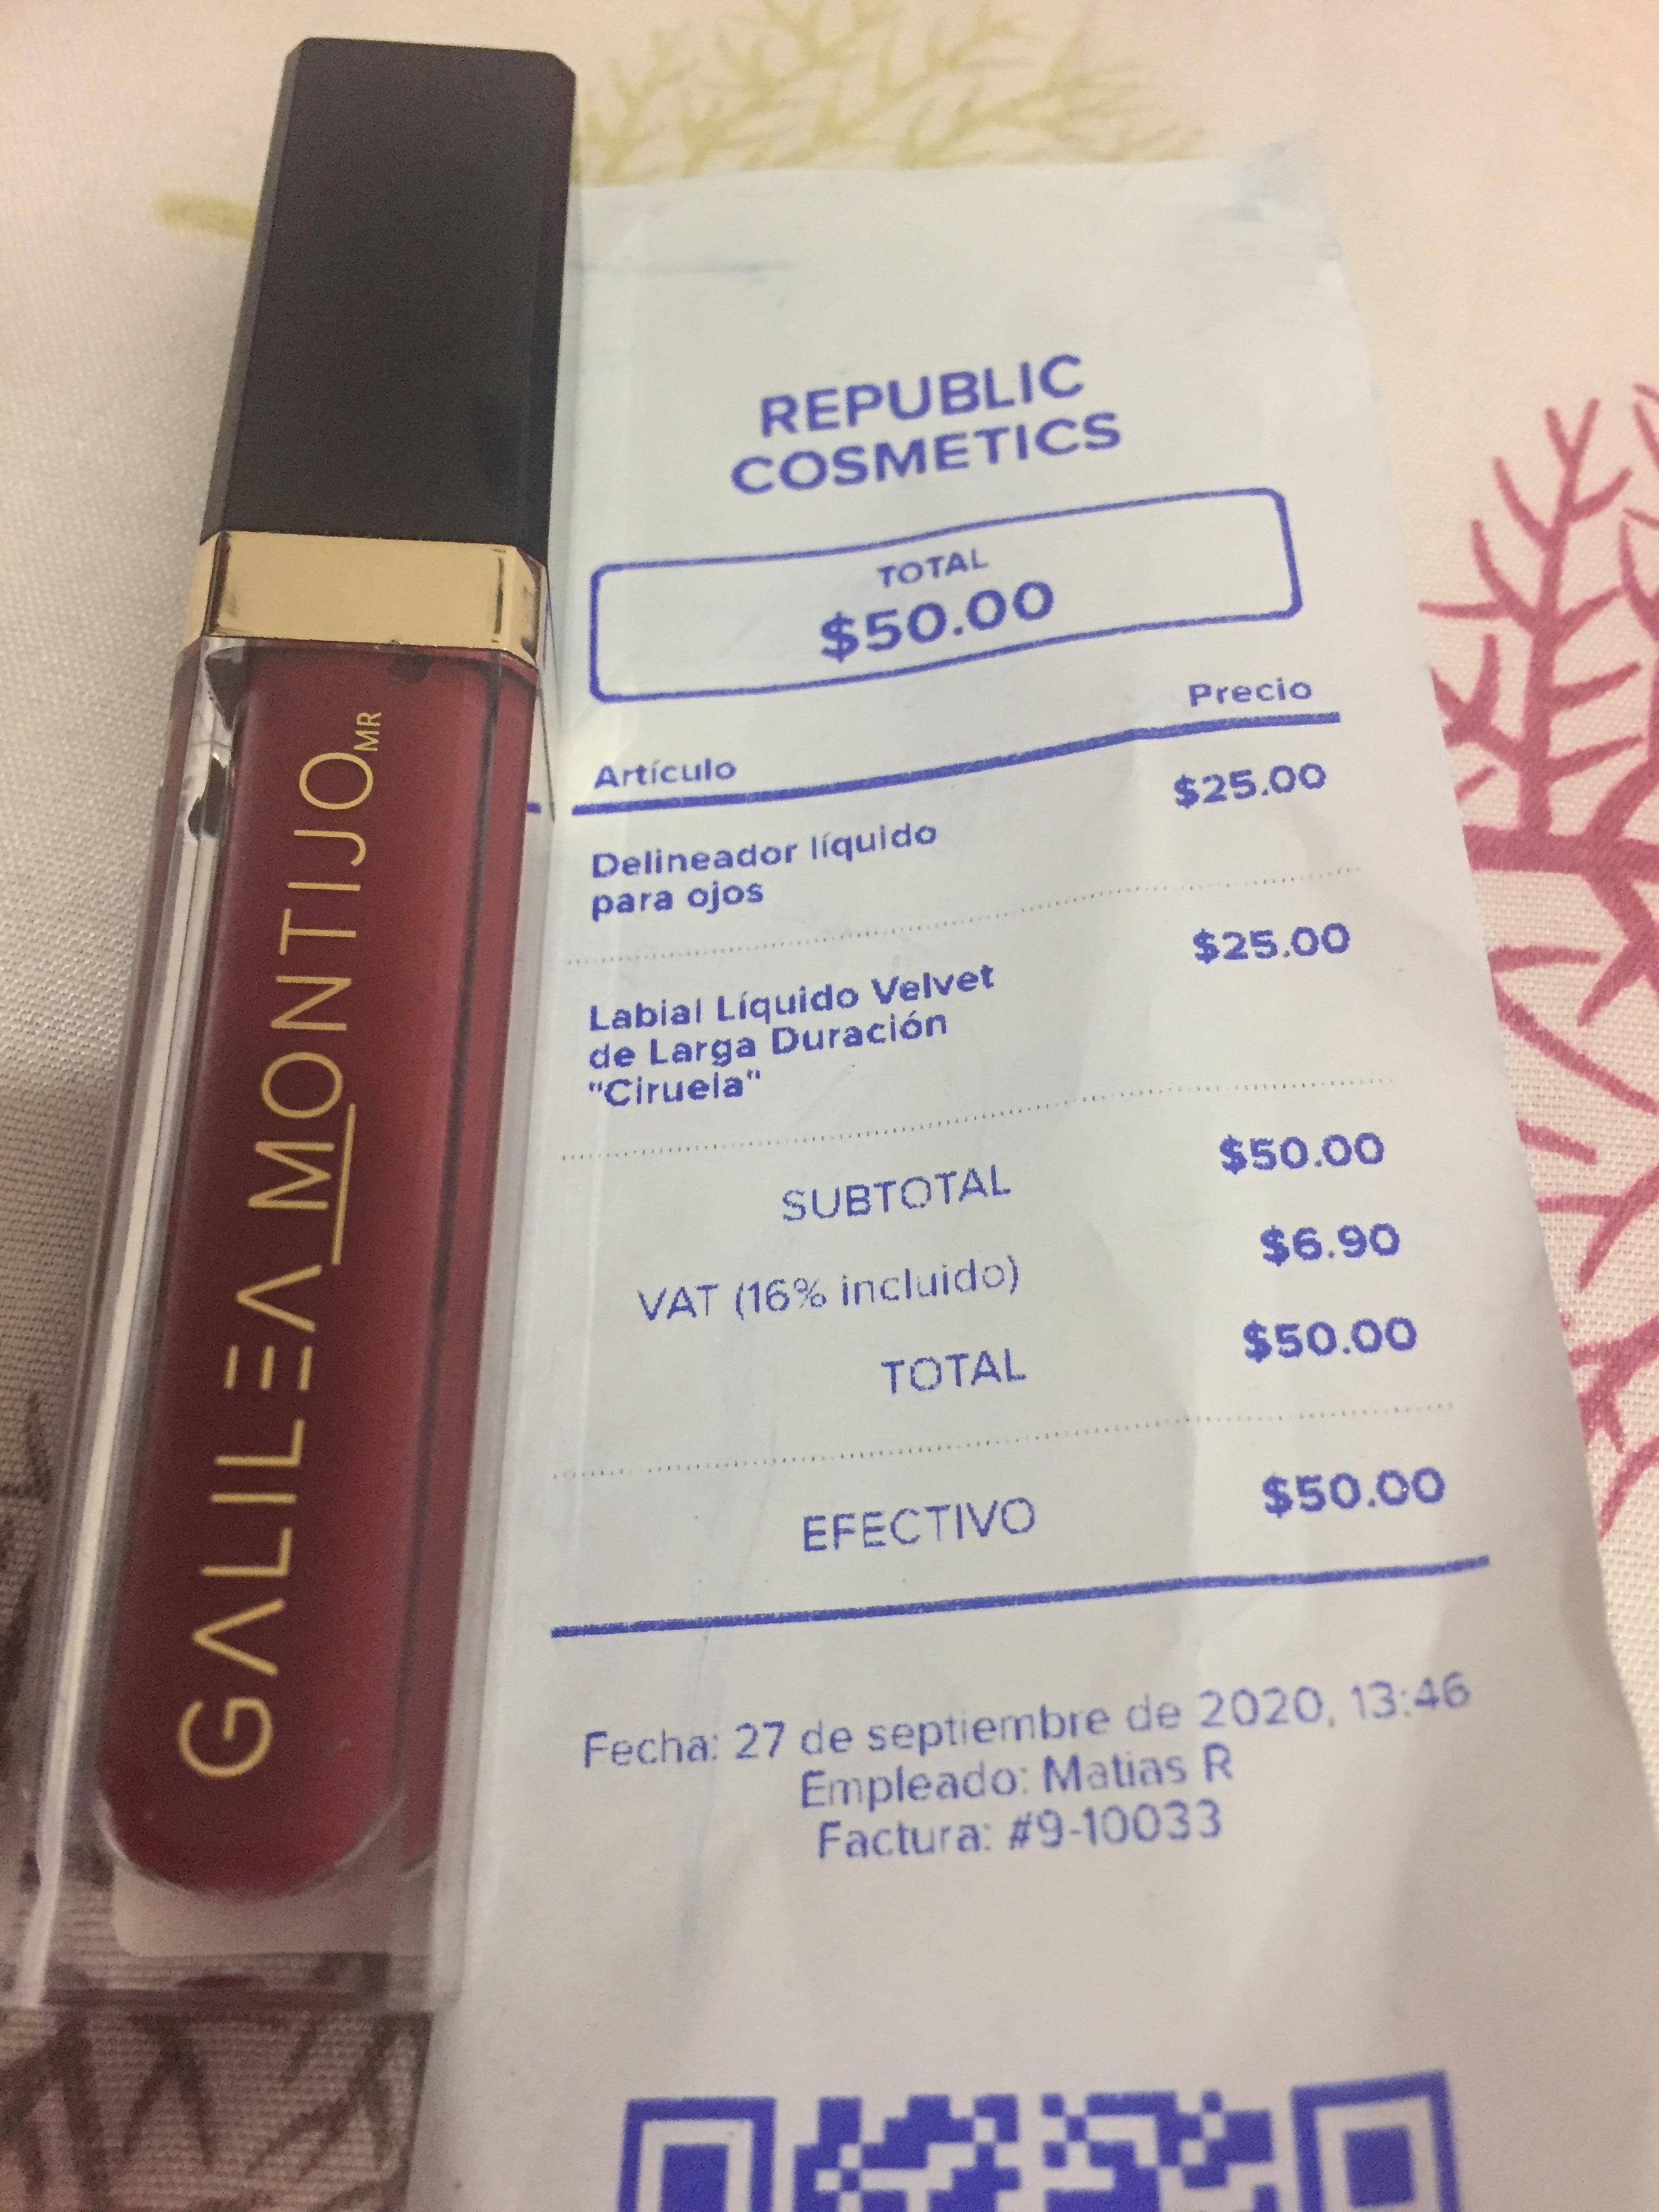 Republic Cosmetics Fórum Buenavista CDMX:Labial Galilea Montijo